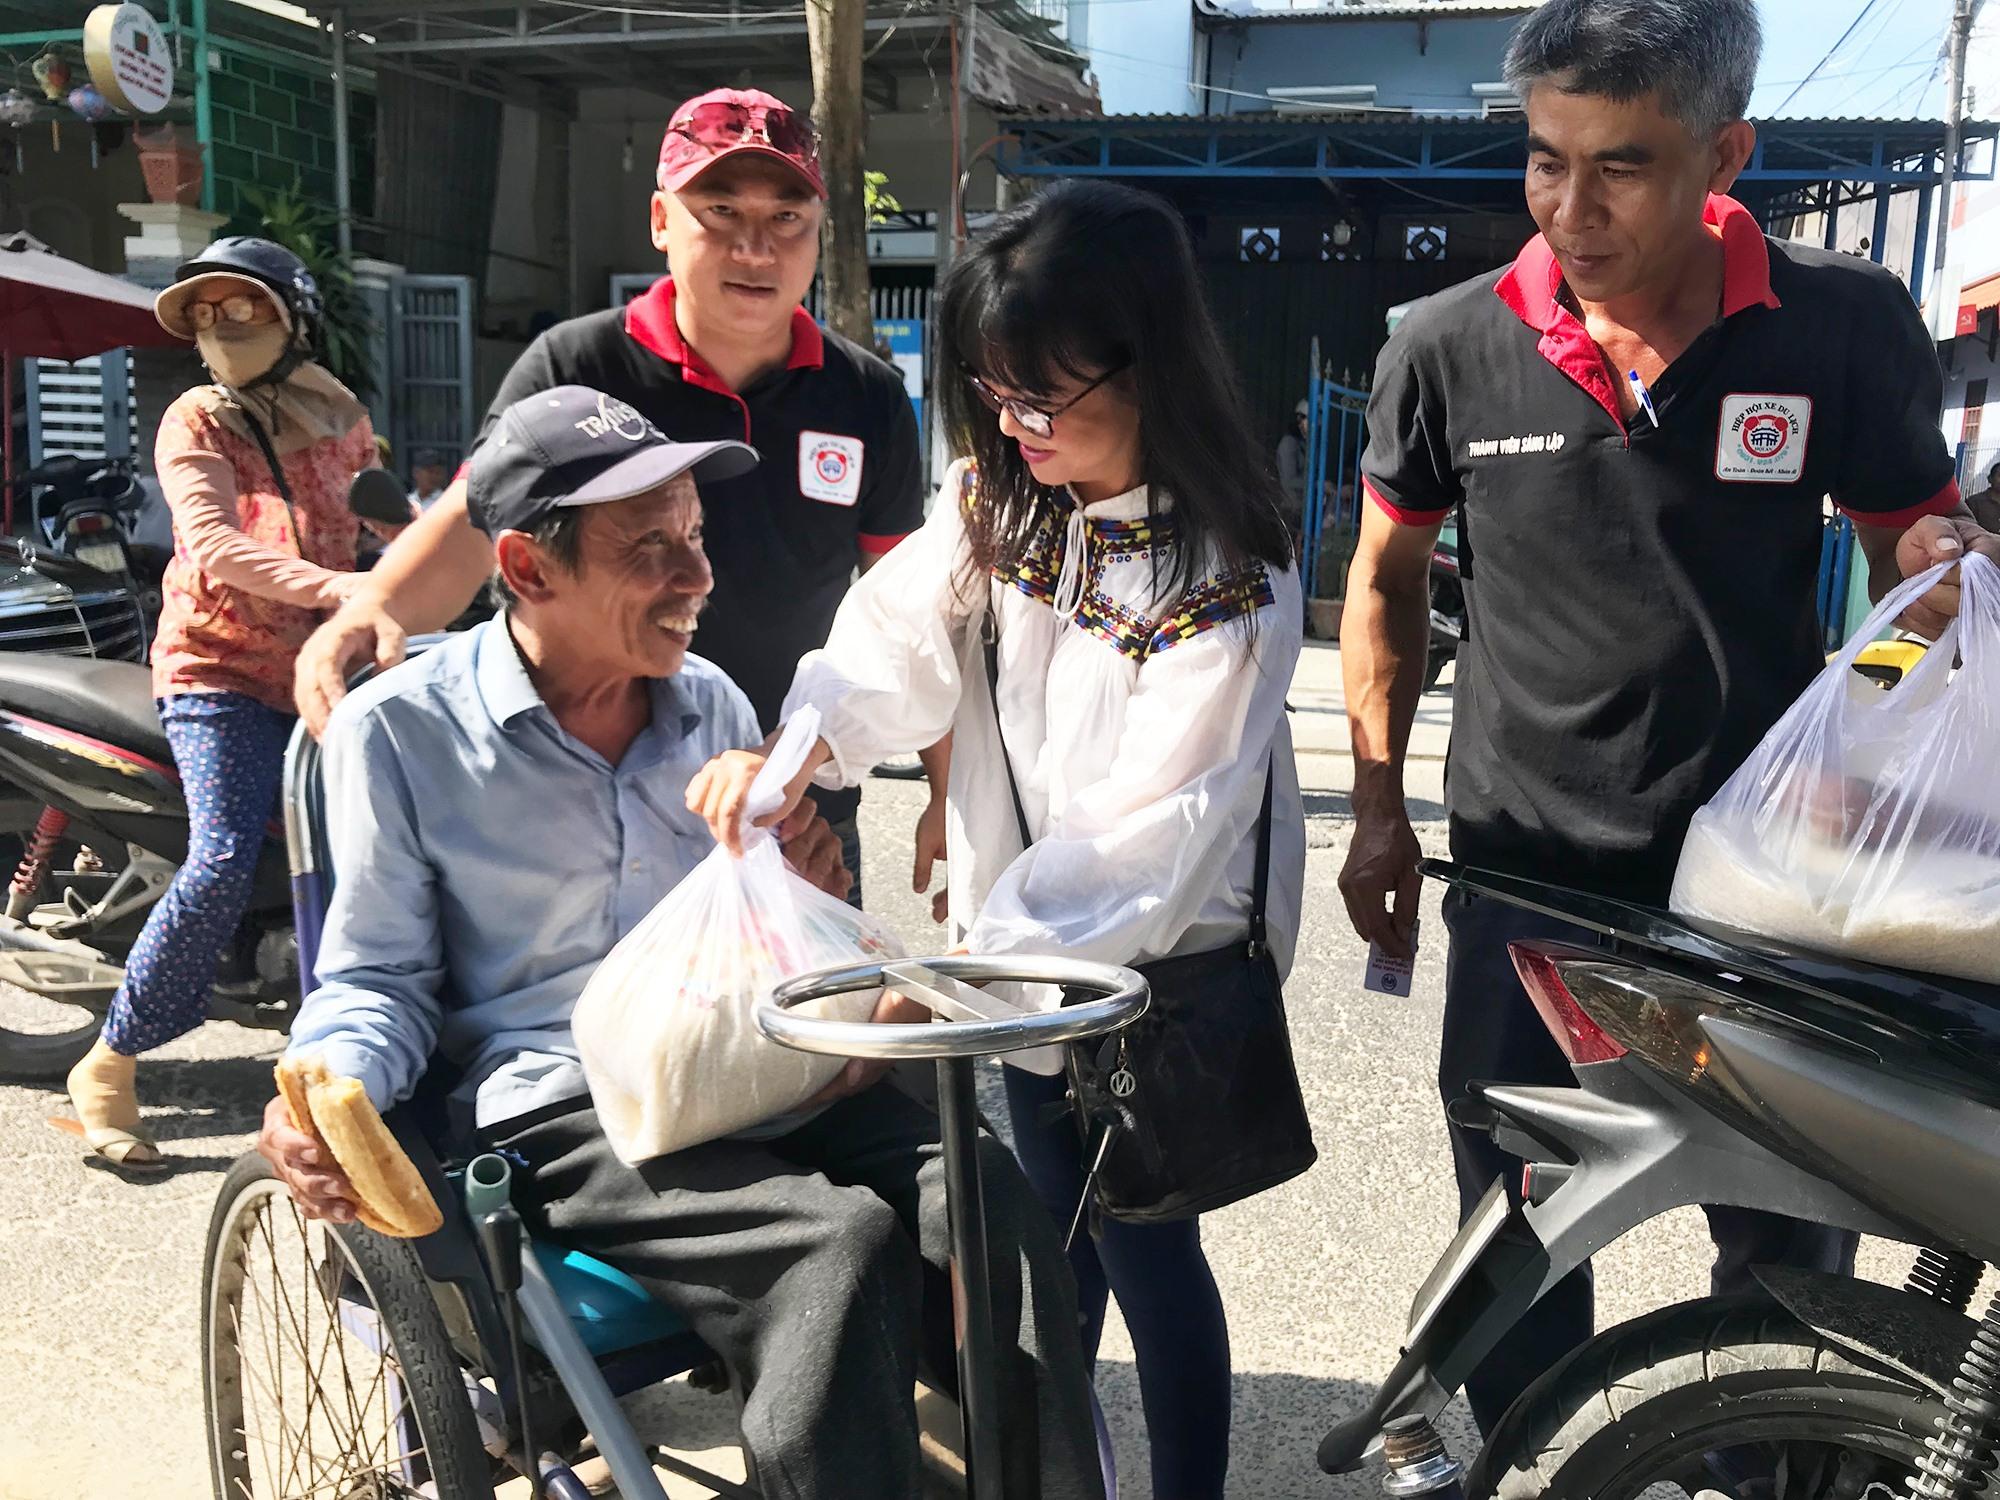 Ca sỹ Ánh Tuyết tặng gạo cho người khuyết tật